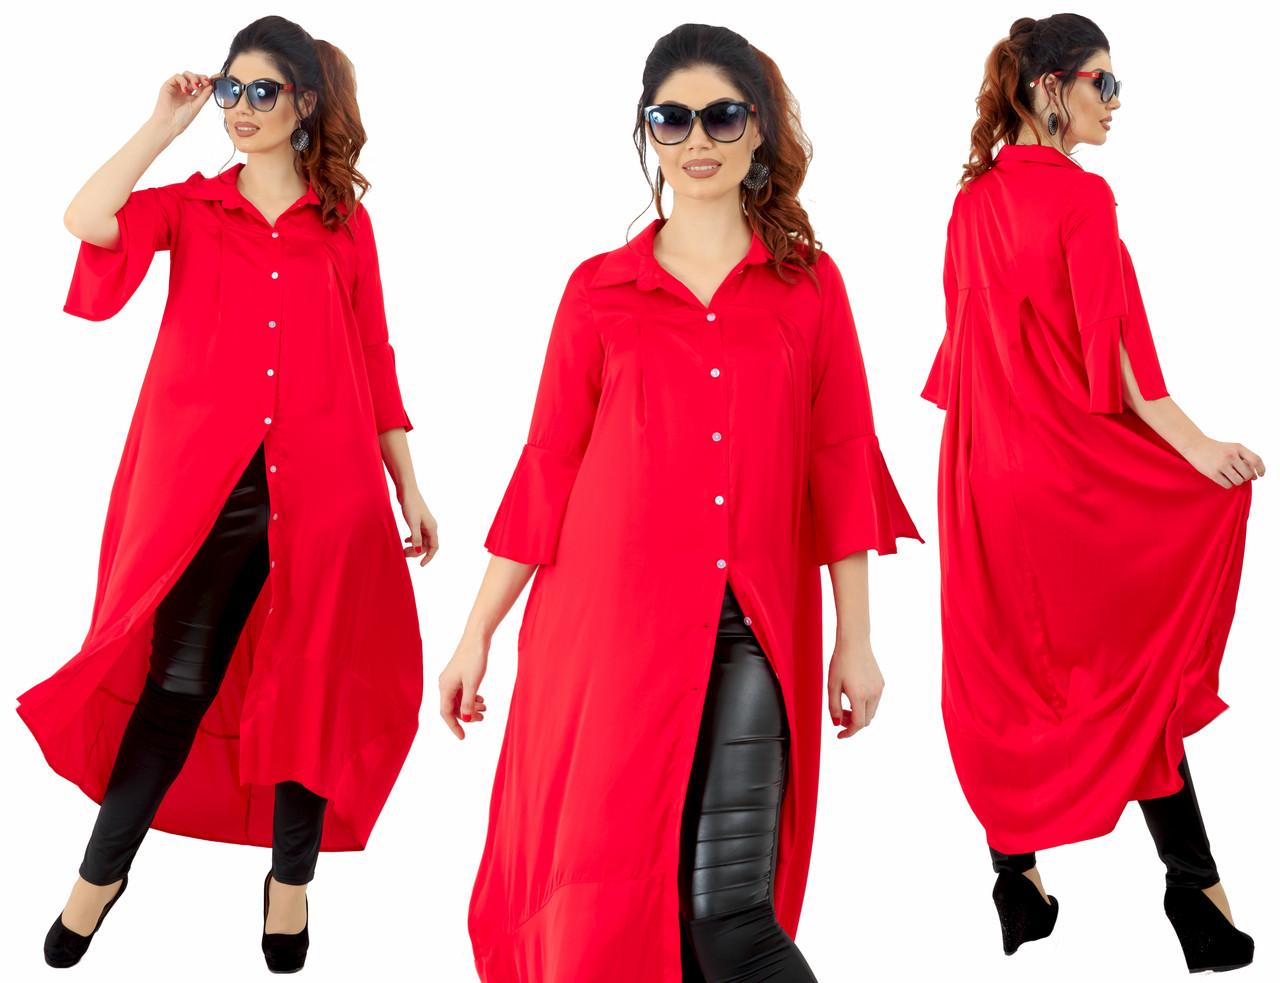 Платье рубашка на больших размеров 48+ с карманами / 3 цвета арт 6337-92